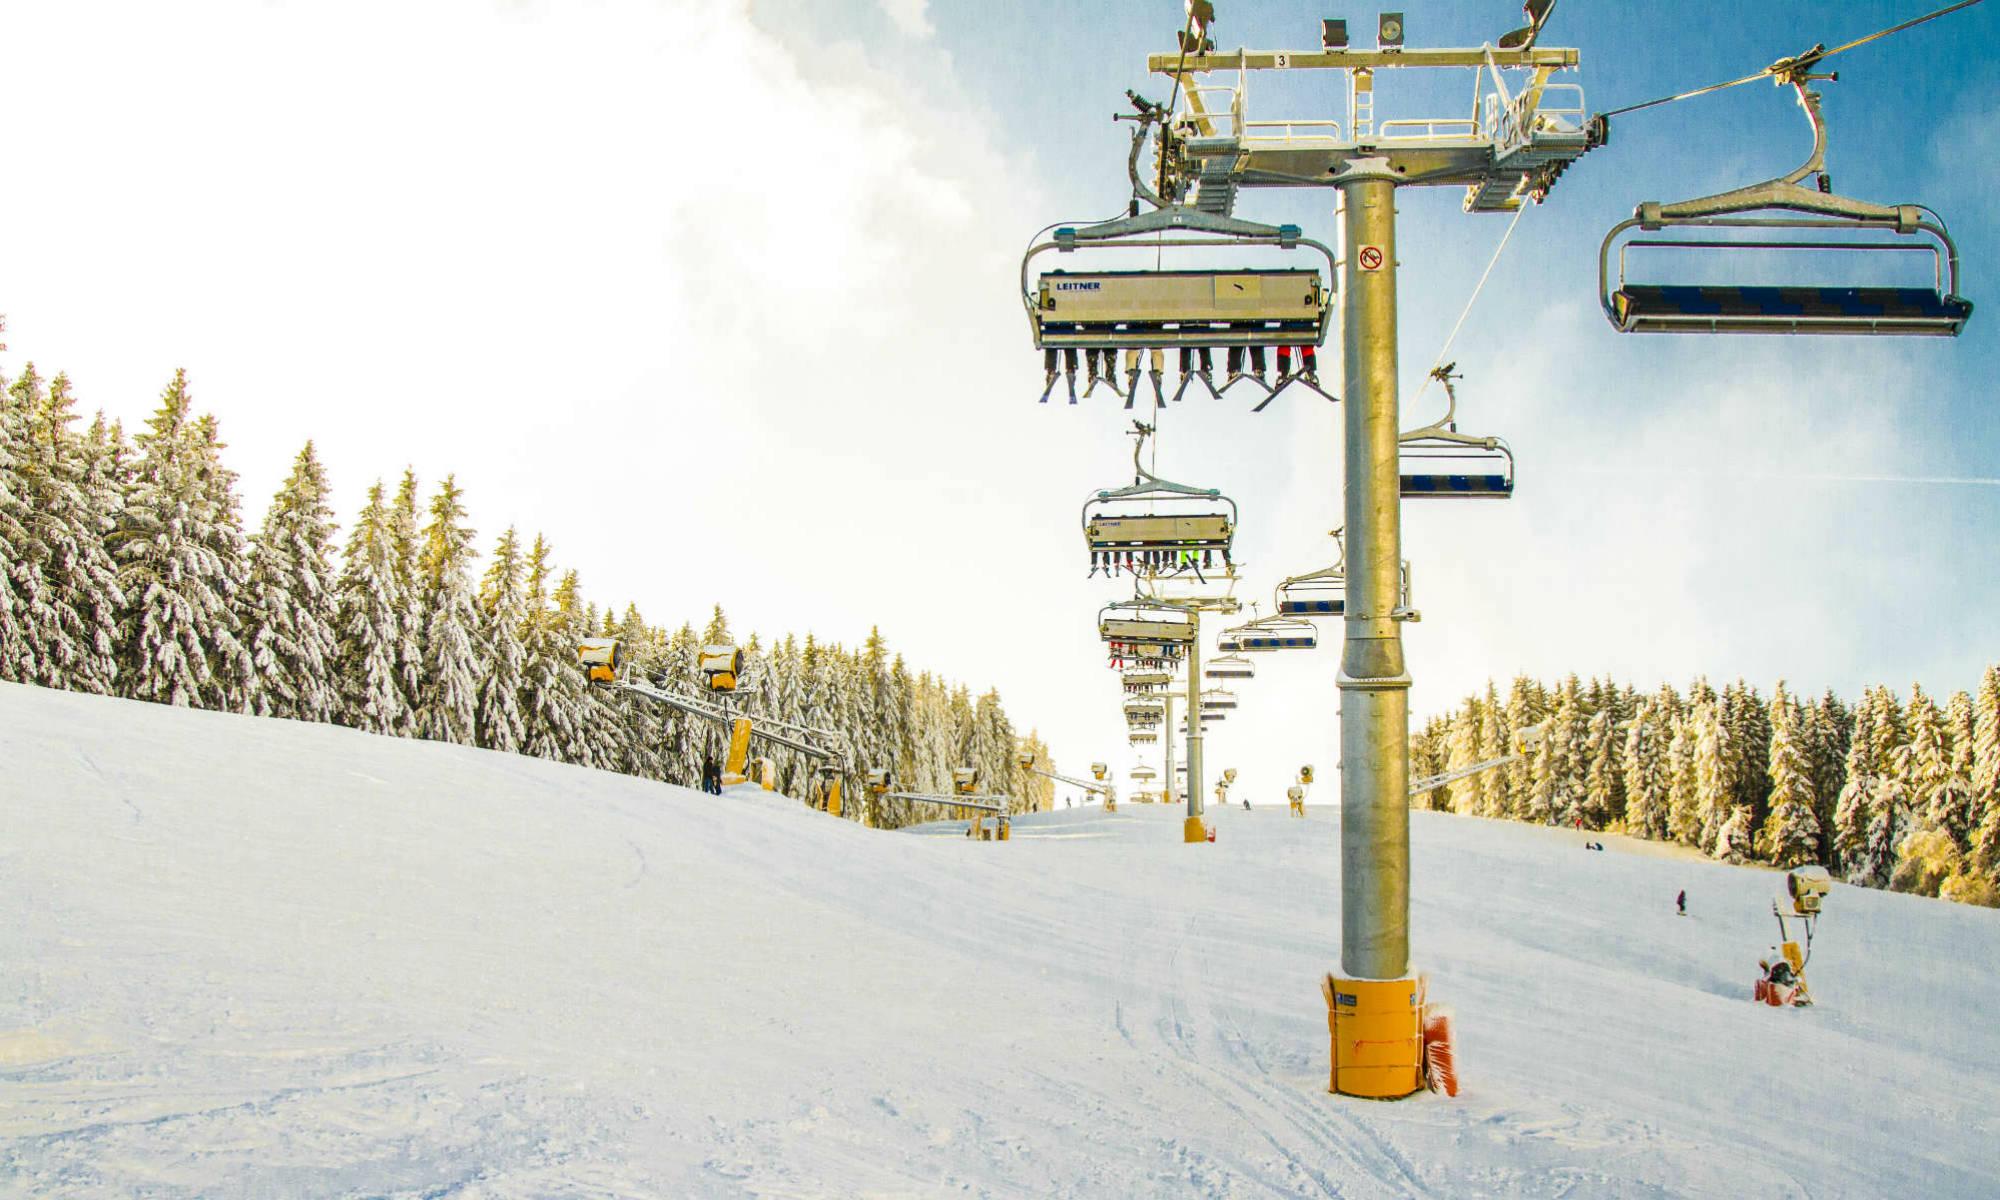 Einfache Piste und Skilift Anlage im Skigebiet Winterberg.